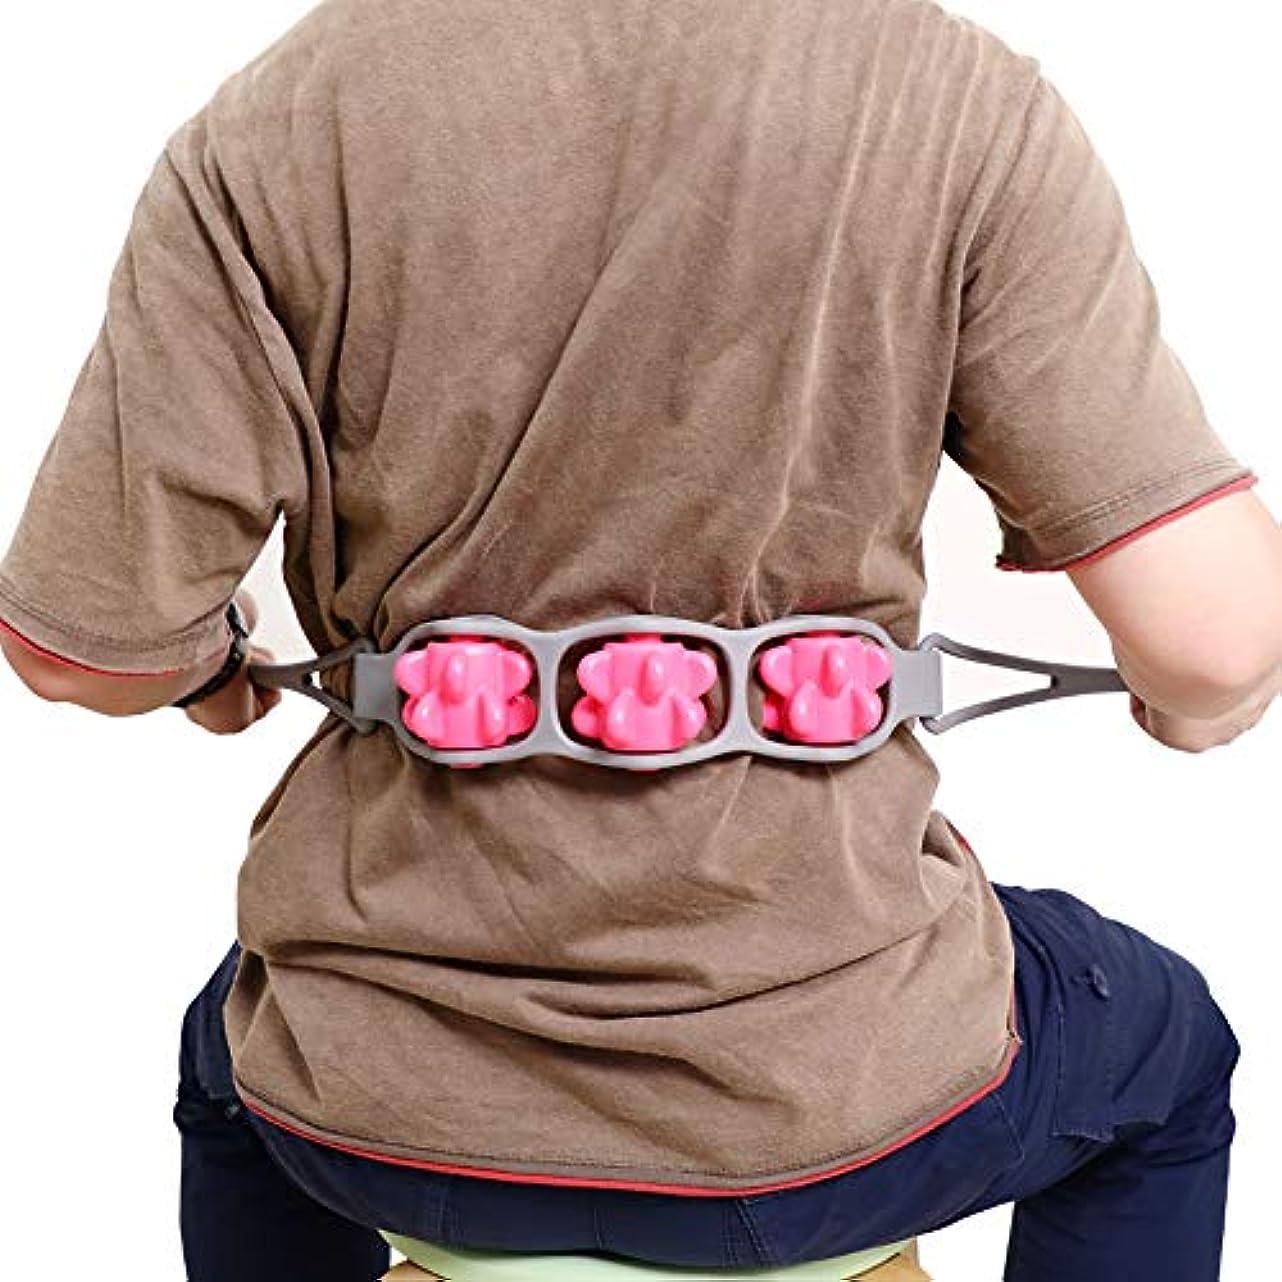 ラベンダー制限不完全なYoumayマッサージローラー 手動的 コロコロ式 ツボ押し 背中 全身的 ボディーローラ 腕 肩こり 首コリ 股関節 ふくらはぎ 太もも 腰 血液循環 ストレス解消 多角度自由に曲がれる 柔らかい 保健用 三点付き ベルト...